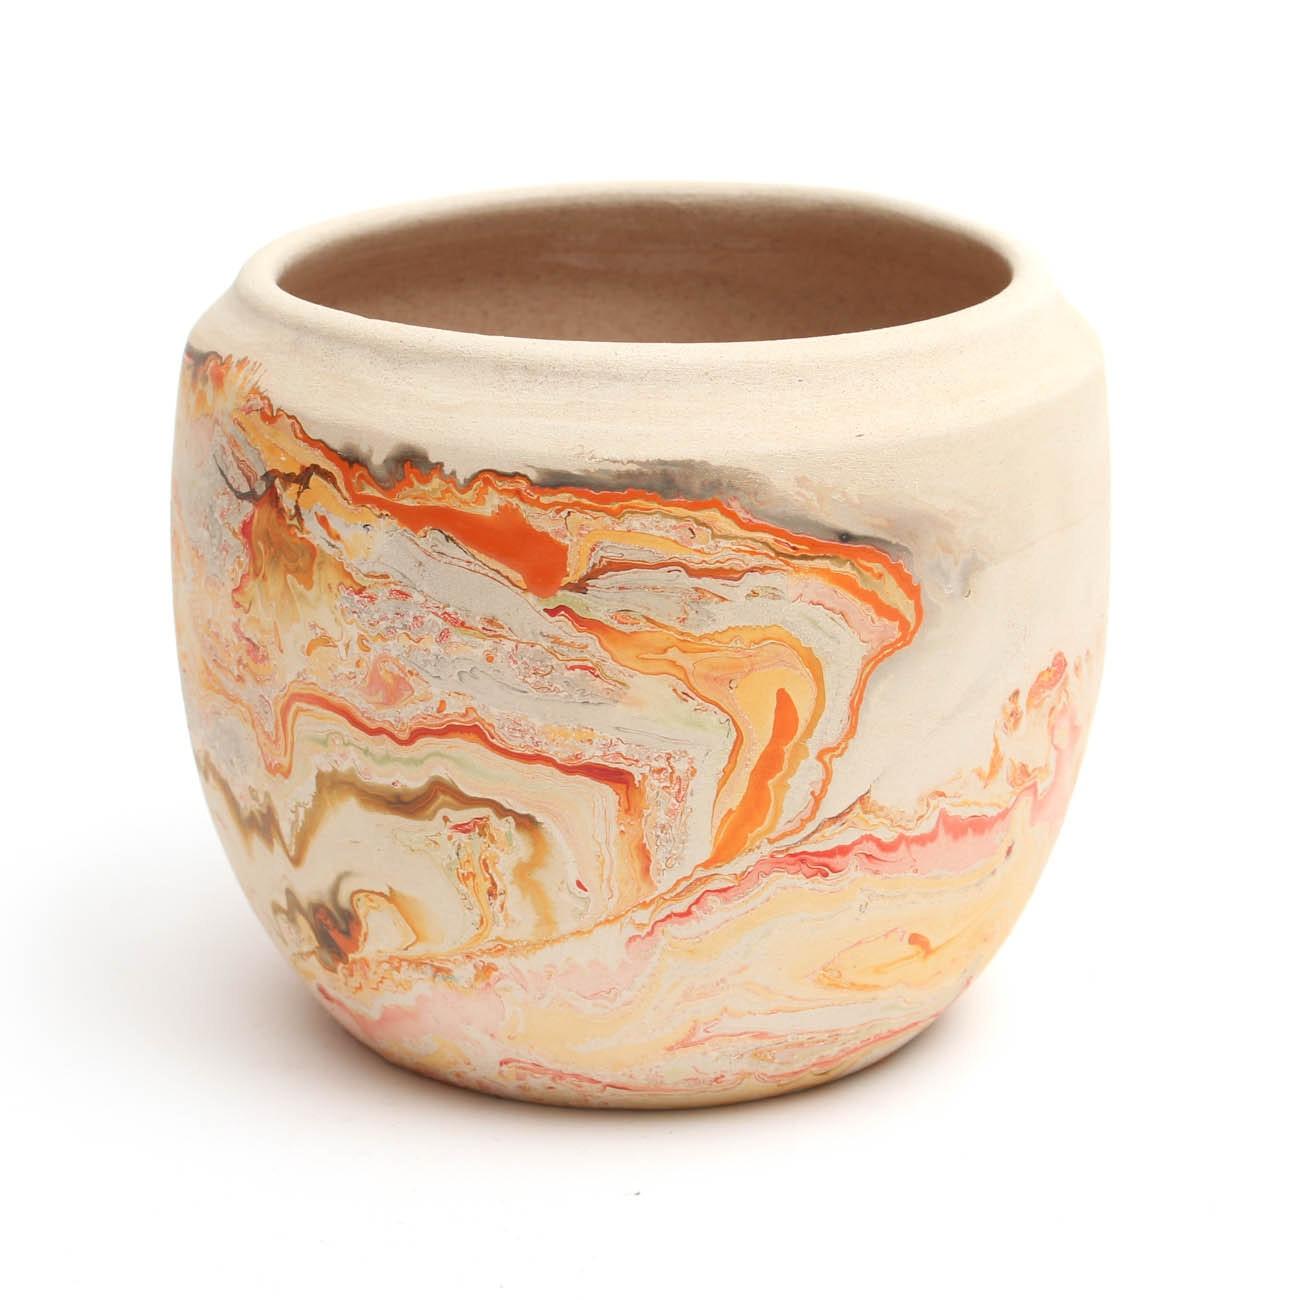 Nemadji Pottery Stoneware Vase